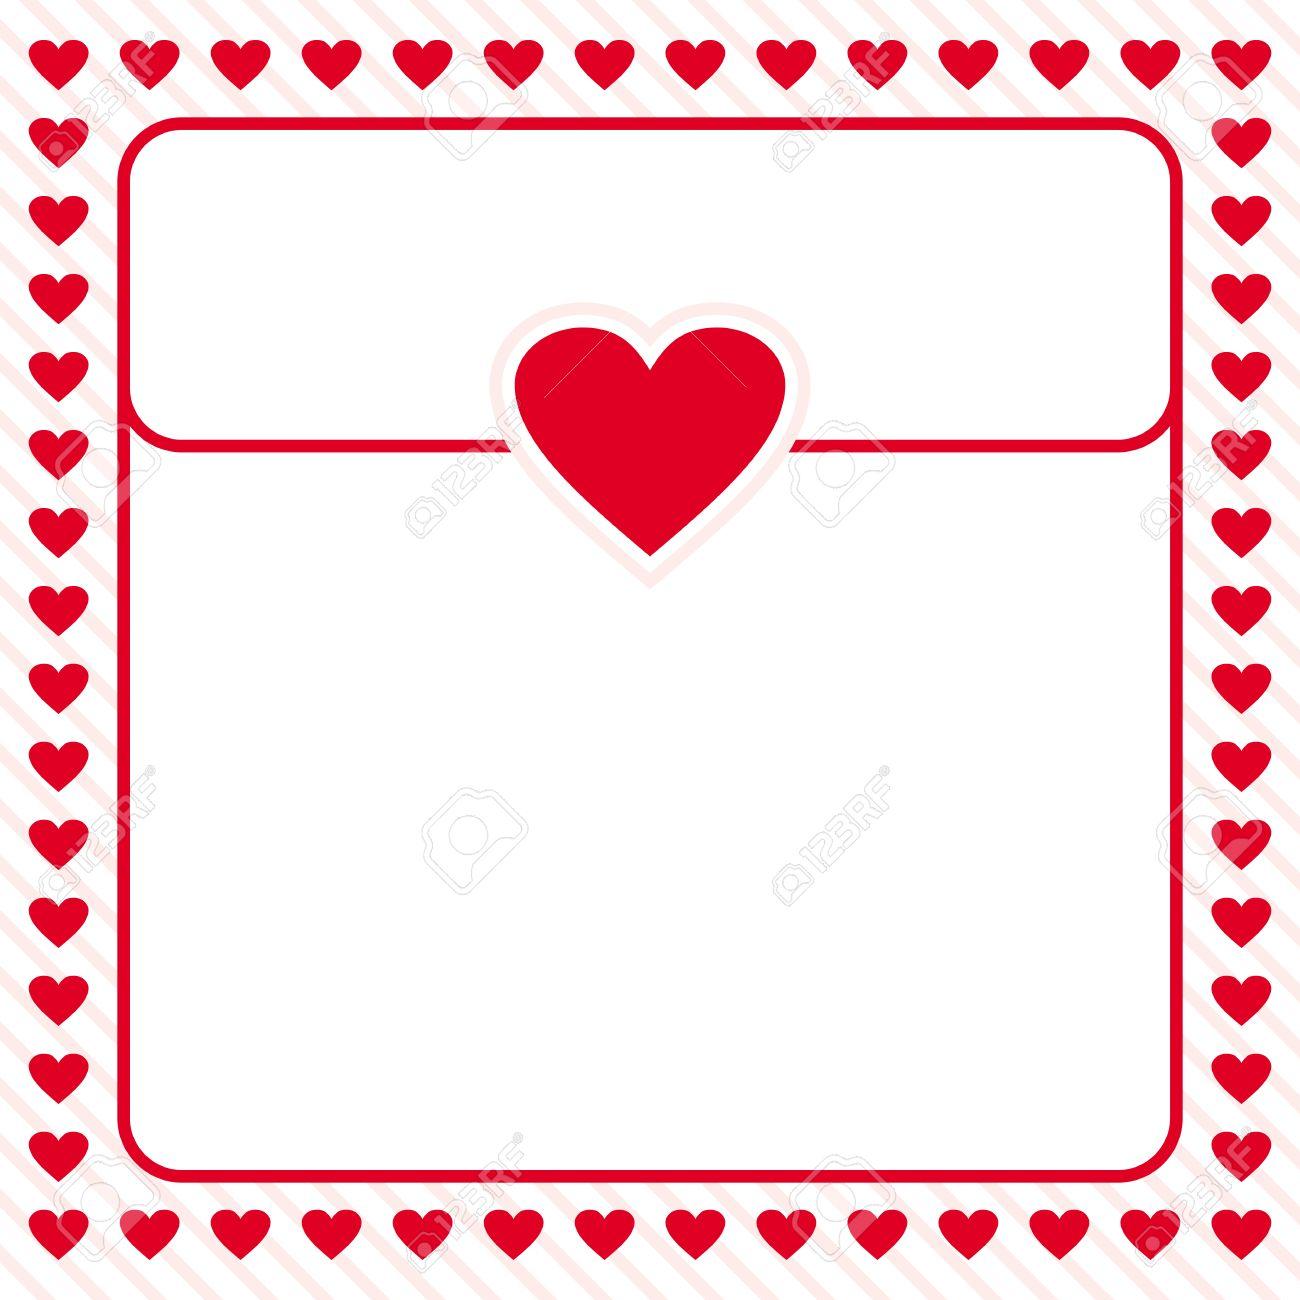 Rotes Herz Grenze Rahmen Vektor-Design Für Valentinstag, Liebesbrief ...